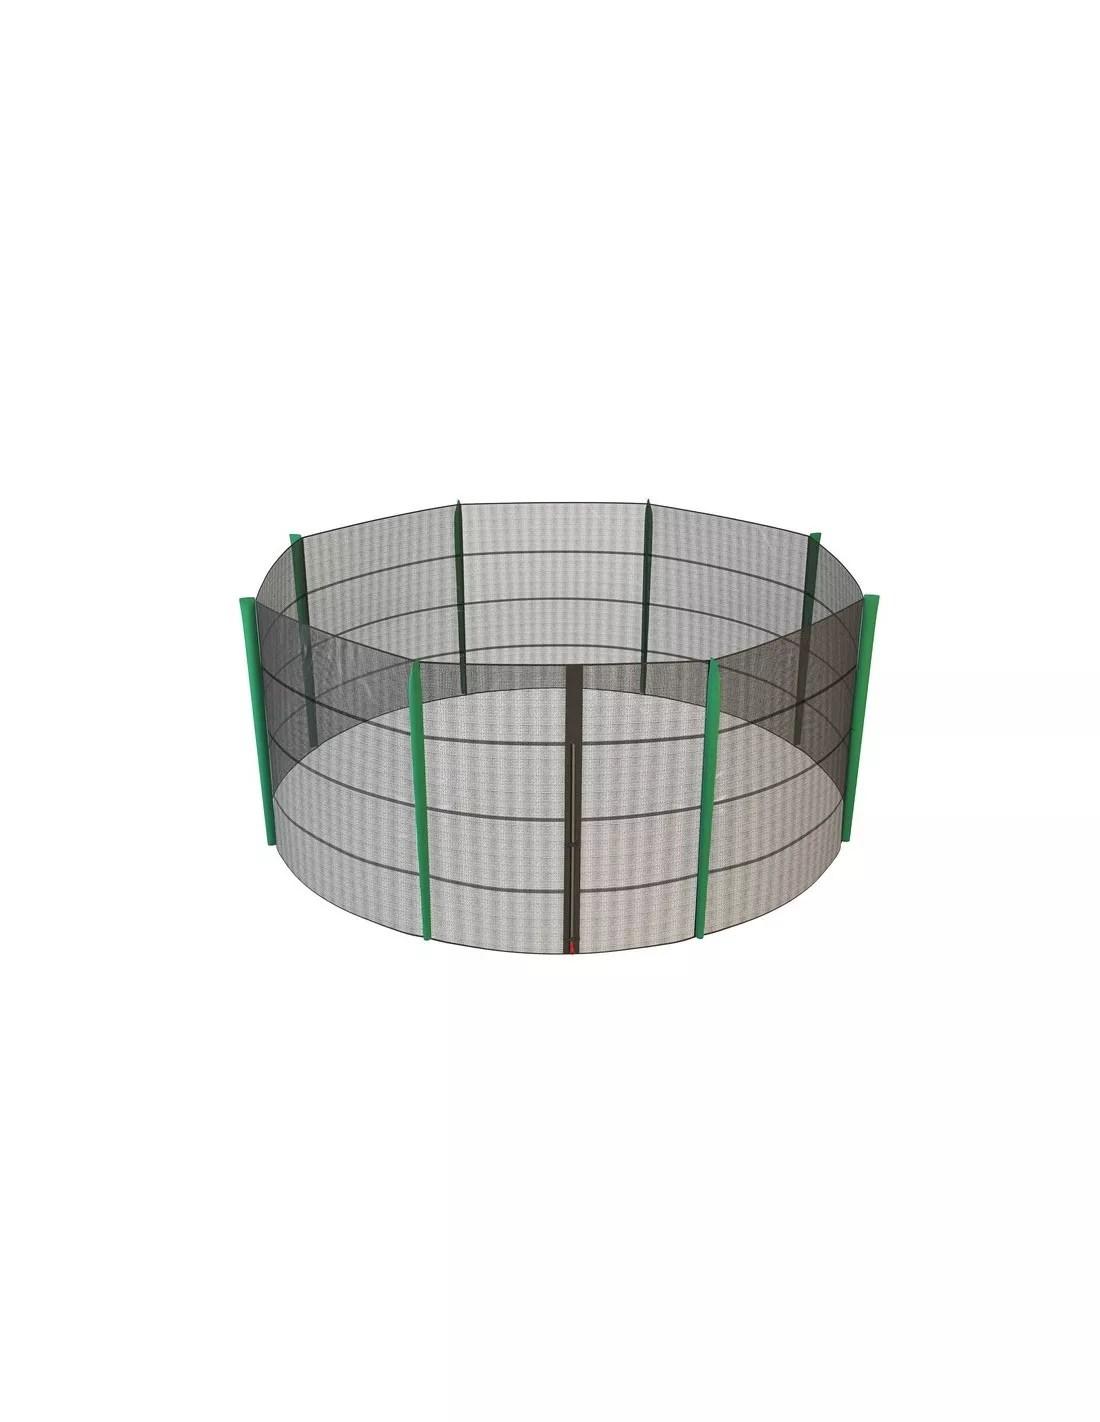 filet de trampoline 4m30 filet de protection de trampoline 4m30 filet de trampoline 430 cm topflex